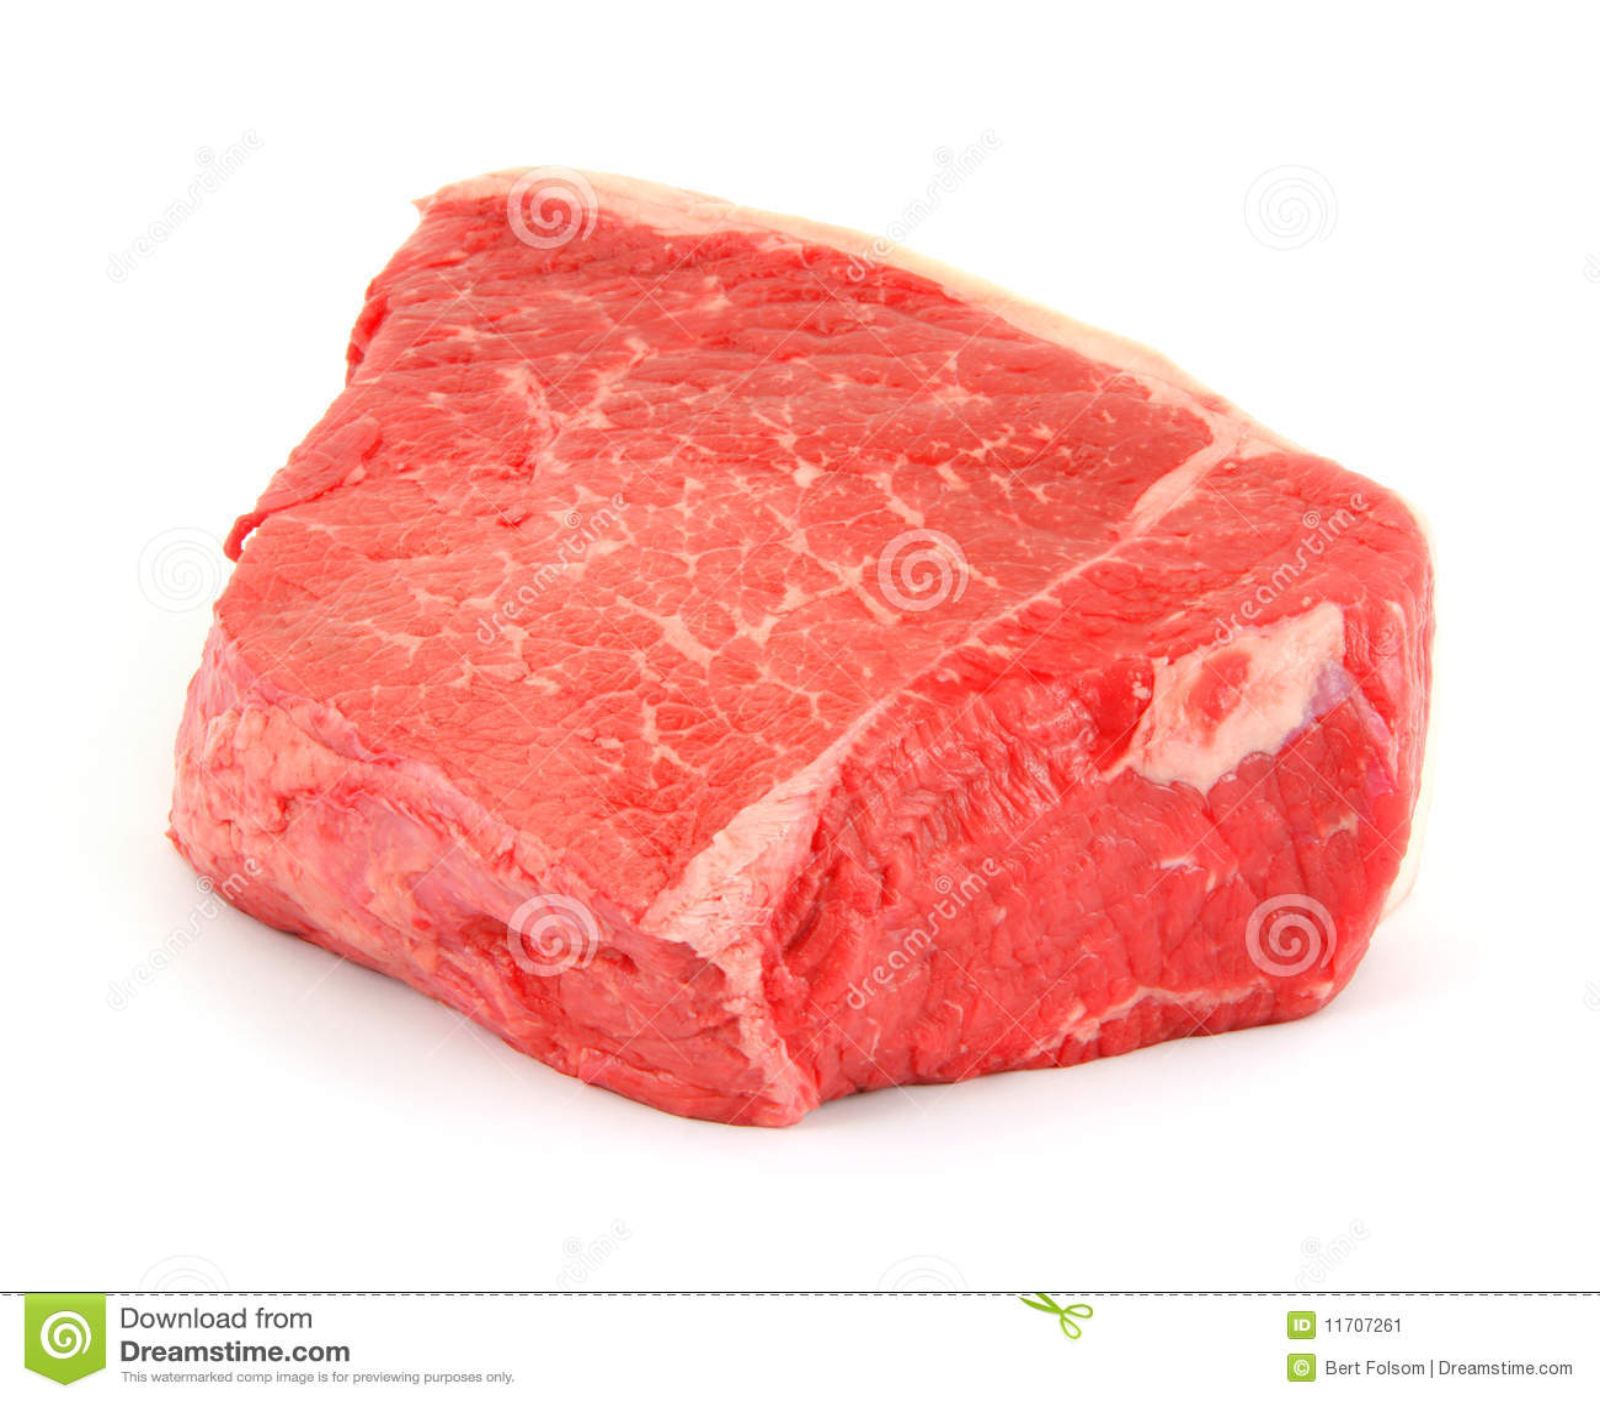 Bottom Round Roast Stock Image Image 11707261